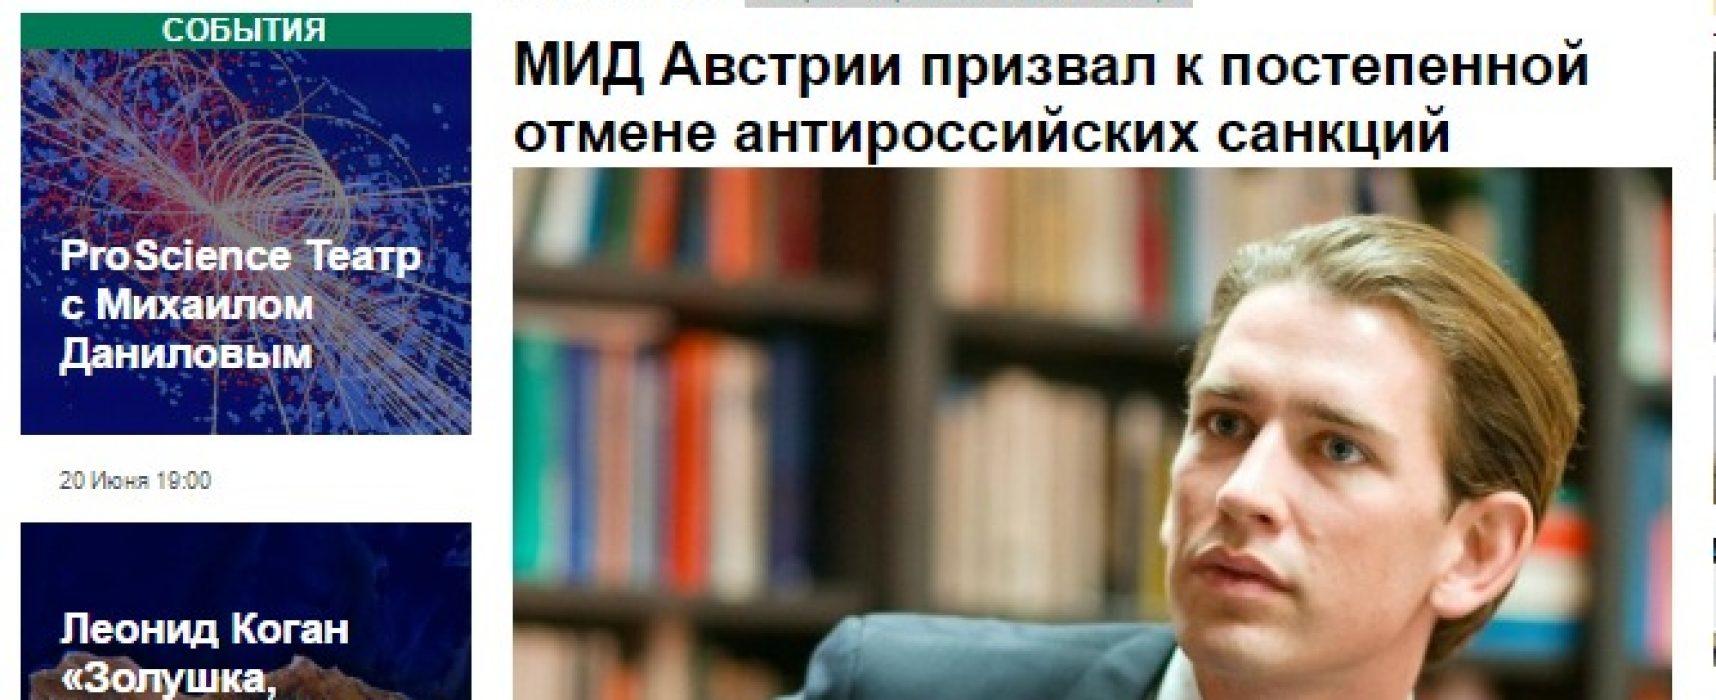 La manipolazione nel titolo: l'Austria ha proposto di annullare le sanzioni russe